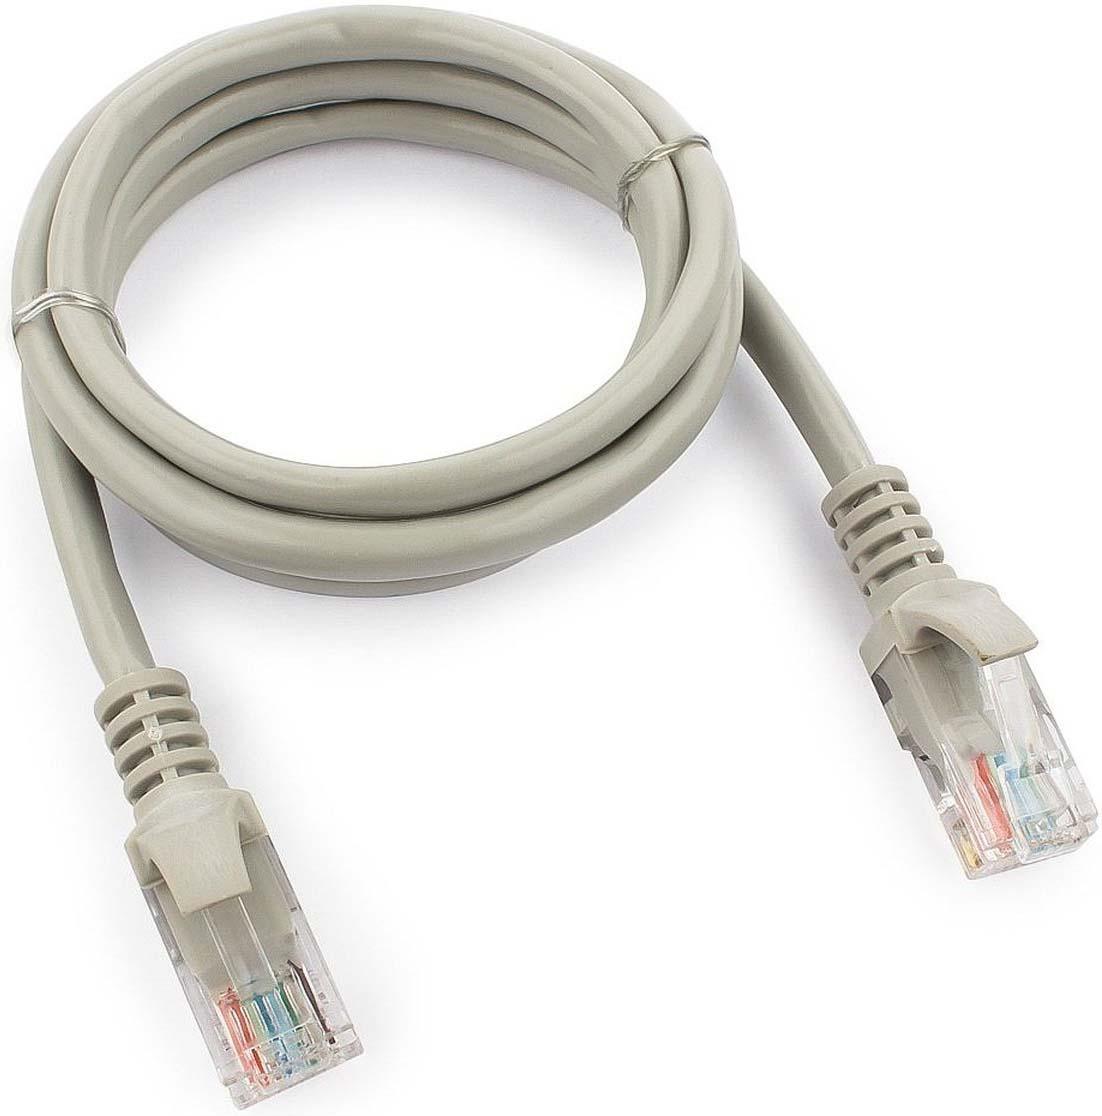 Кабель патч-корд UTP Cablexpert RJ-45, 1 м, PP12-1m, серый кабель патч корд utp cablexpert rj 45 5 м pp12 5m b синий